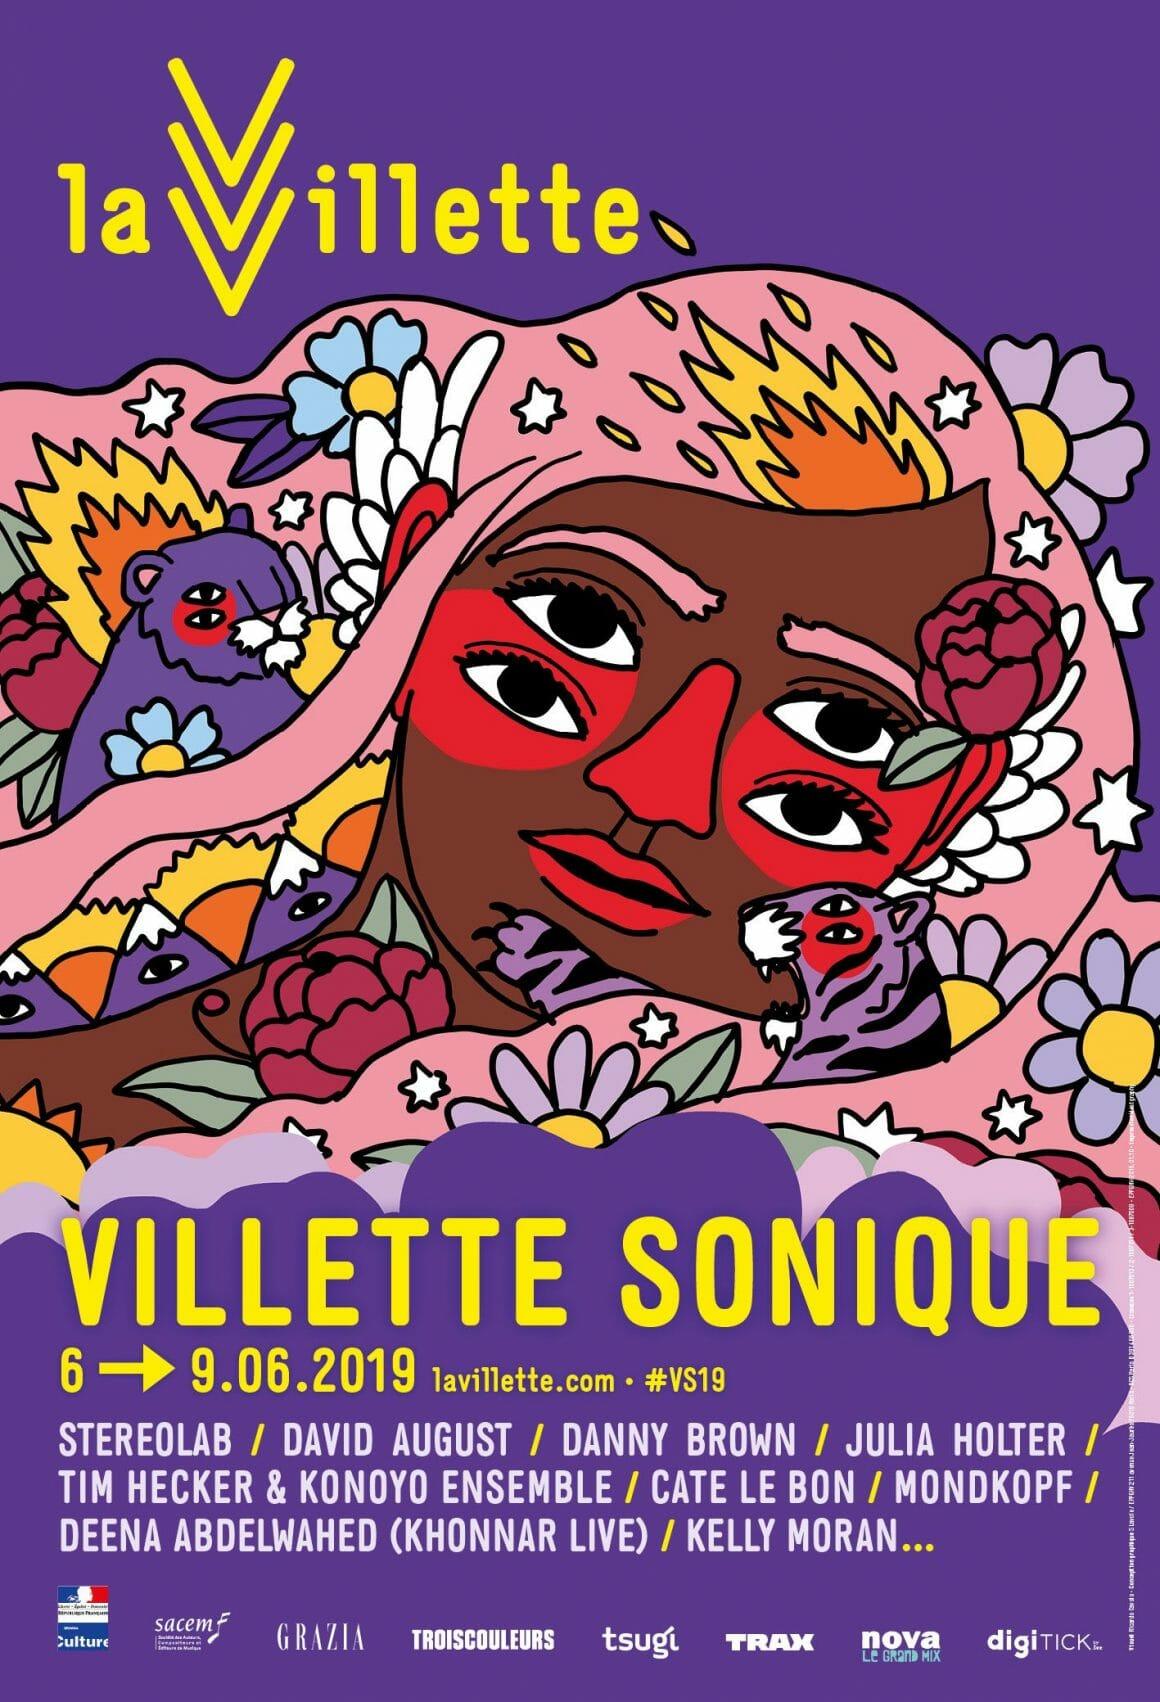 affiche du Villette Sonique 2019